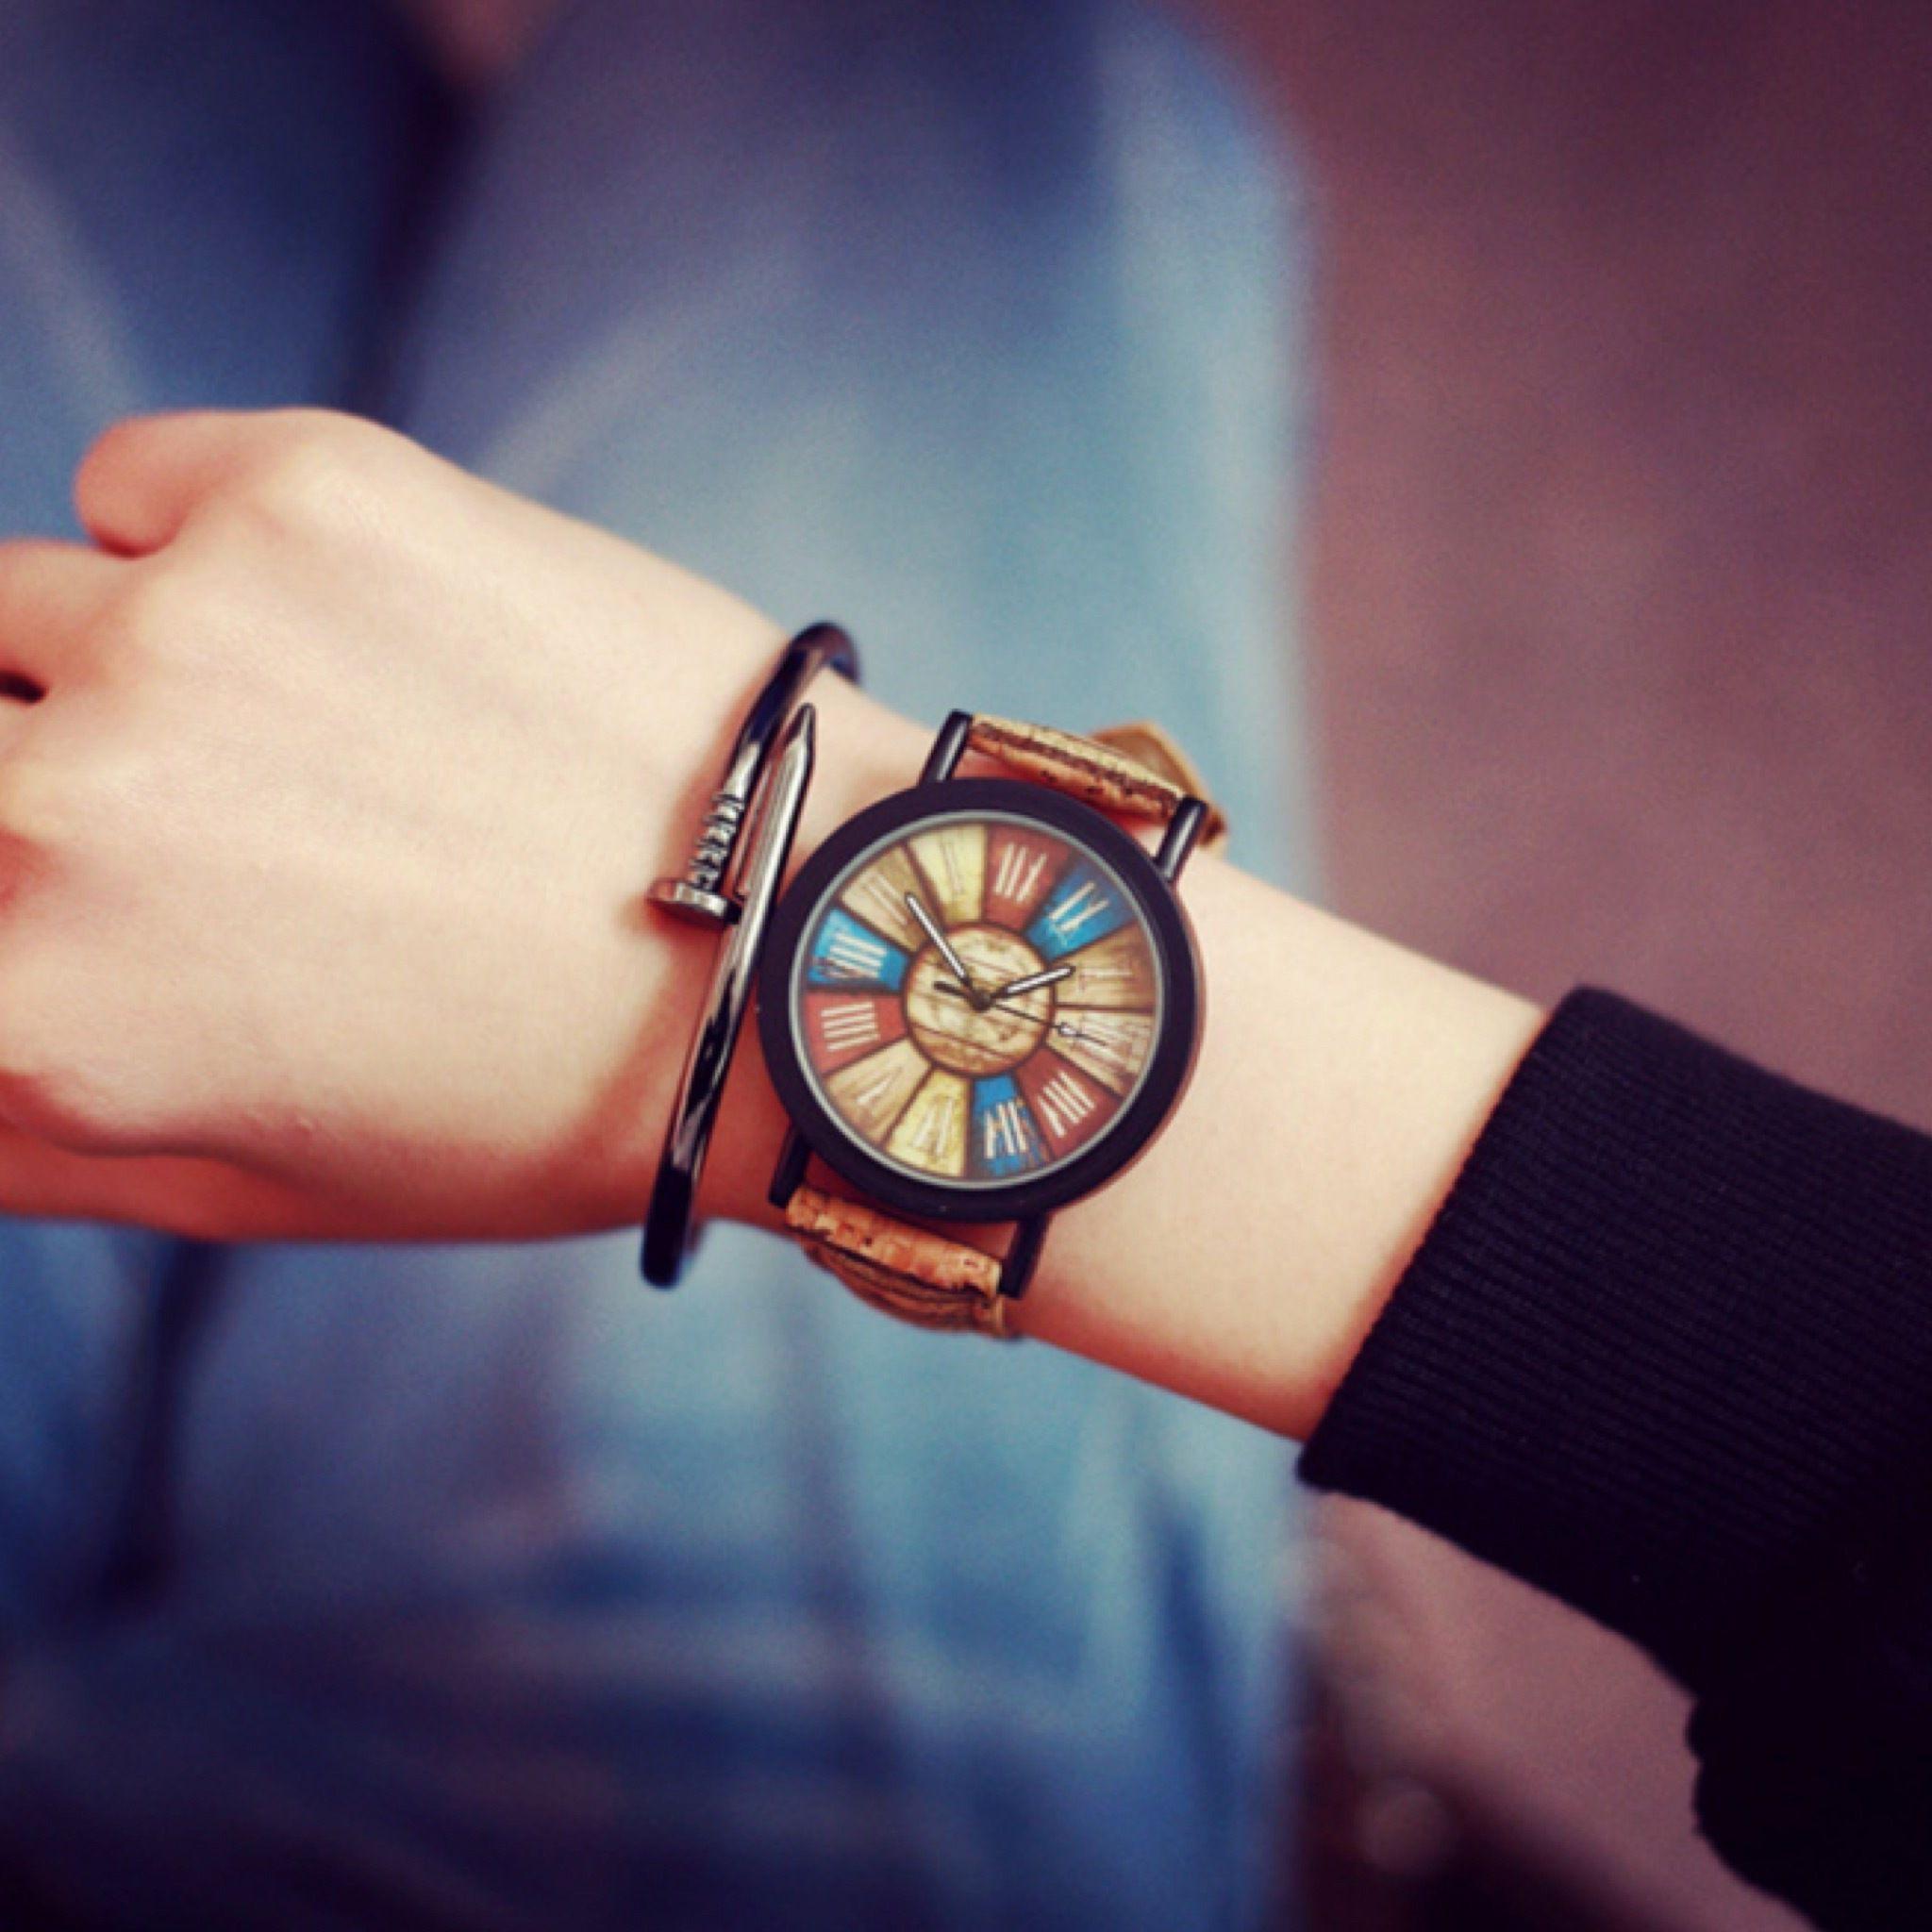 ウッドテイストウォッチ メンズサイズ 腕時計 シンプル ギフト 人気 プレゼント 時計 おしゃれ 安い かわいい プチプラ ブレスレット コルク